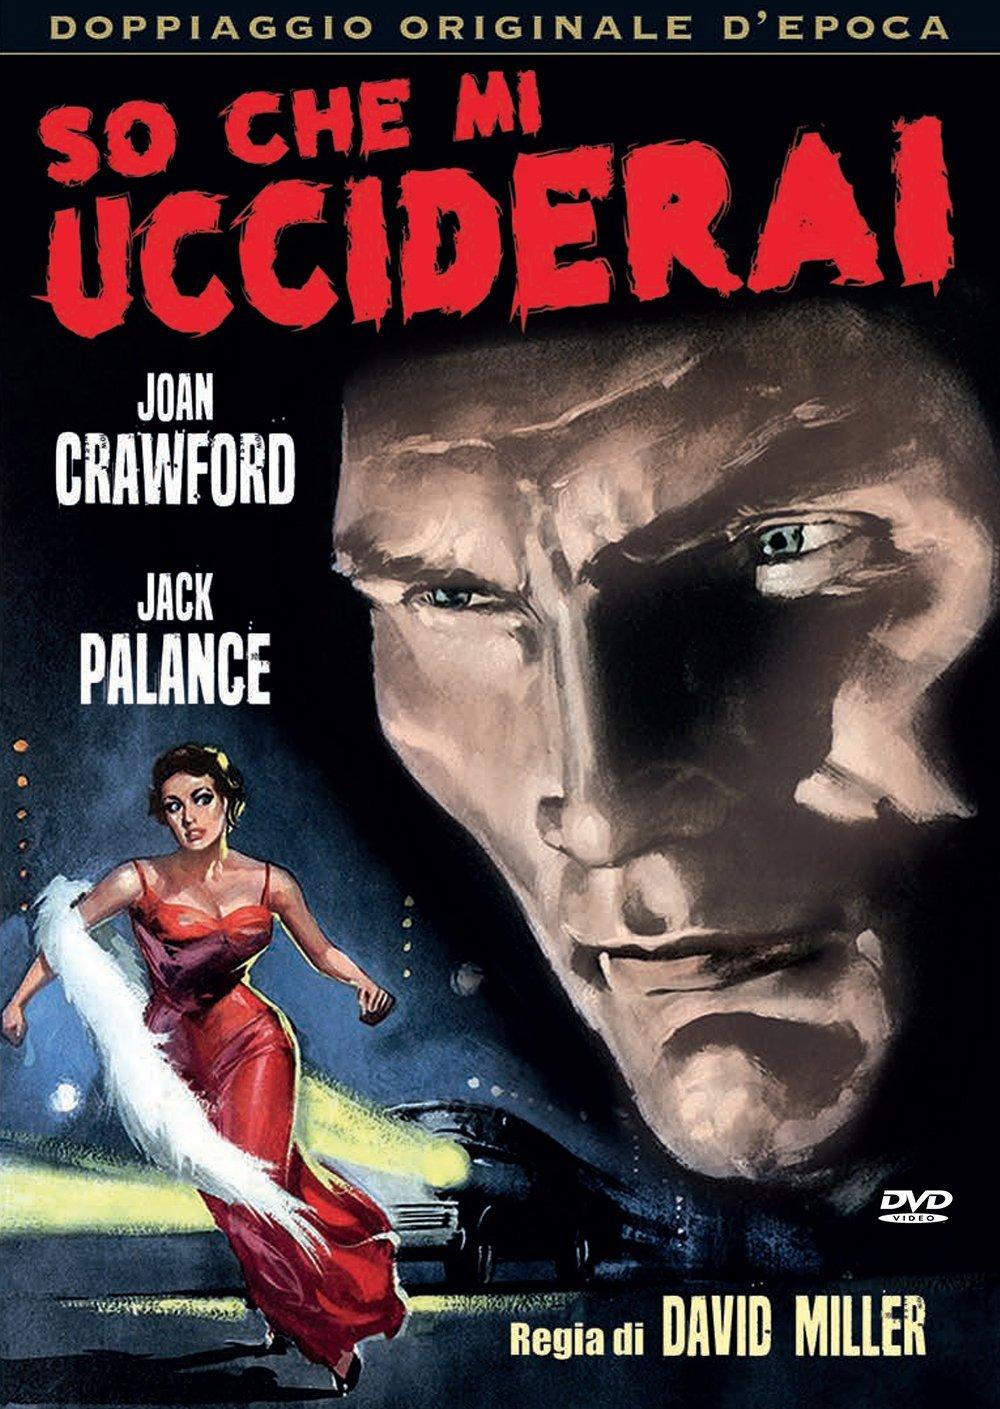 SO CHE MI UCCIDERAI (DVD)